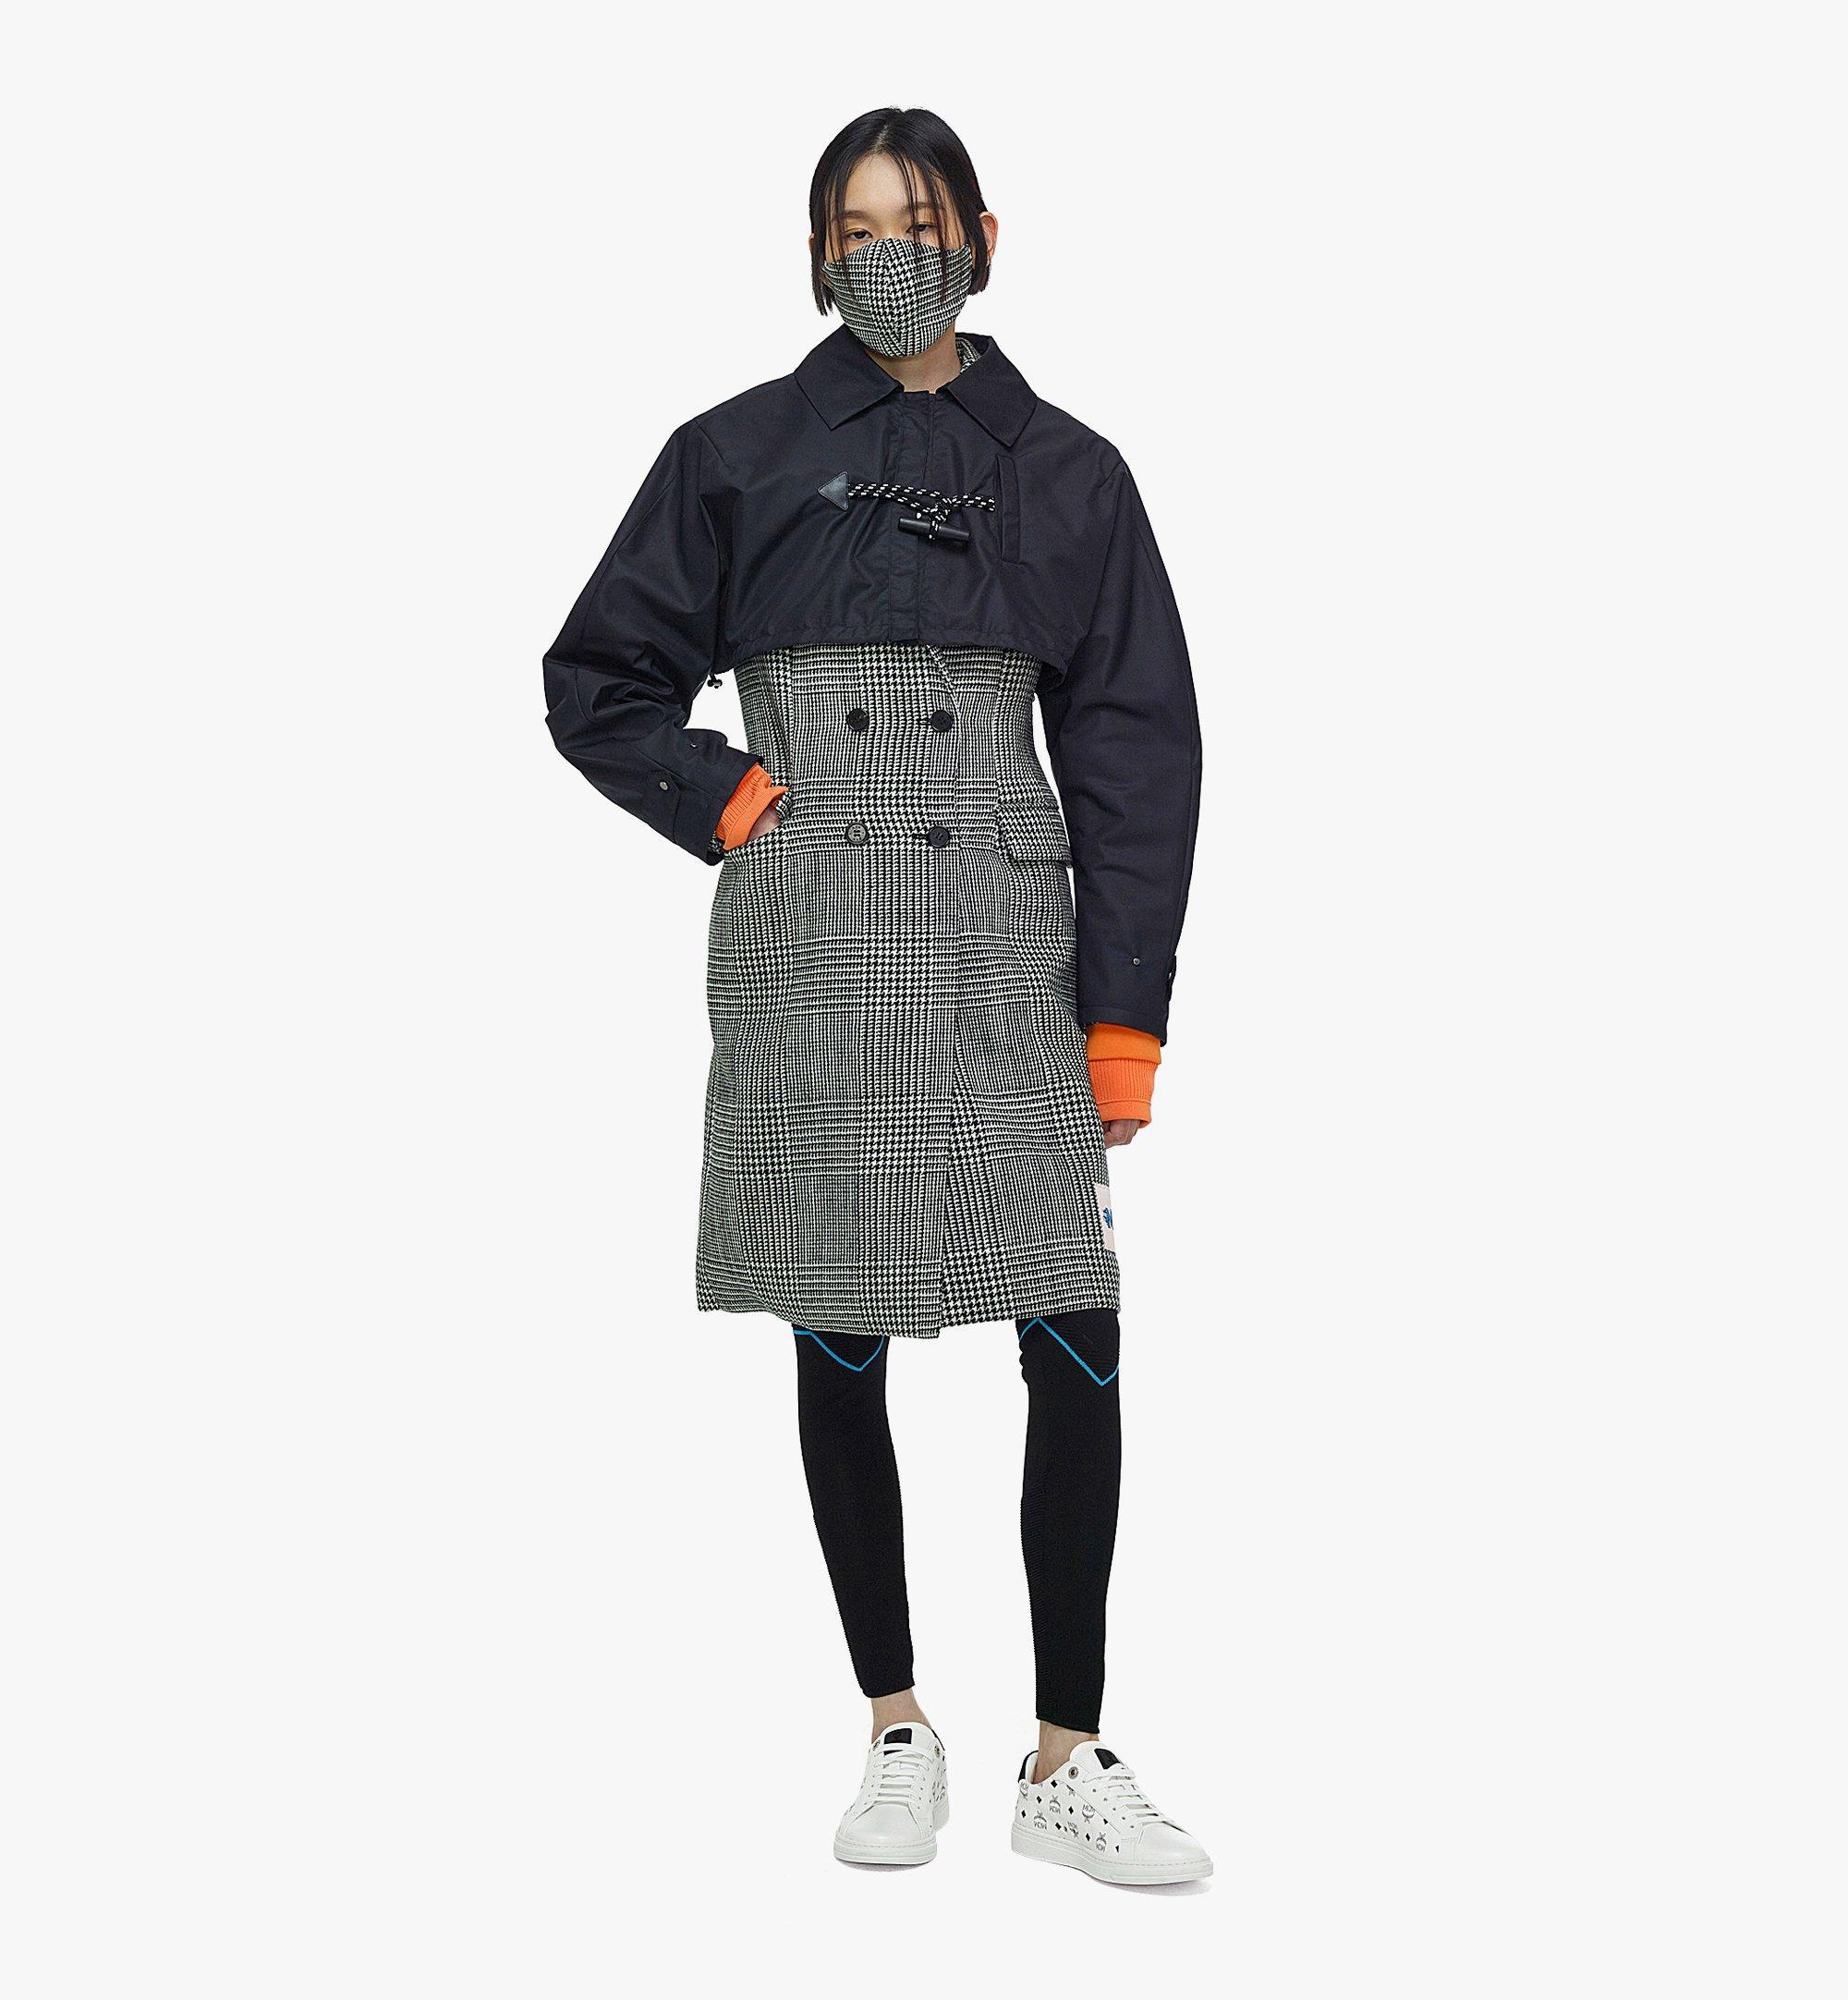 MCM Manteau en laine à carreaux avec empiècement en nylon pour femme Black MFCBAMM01BK040 Plus de photos 3